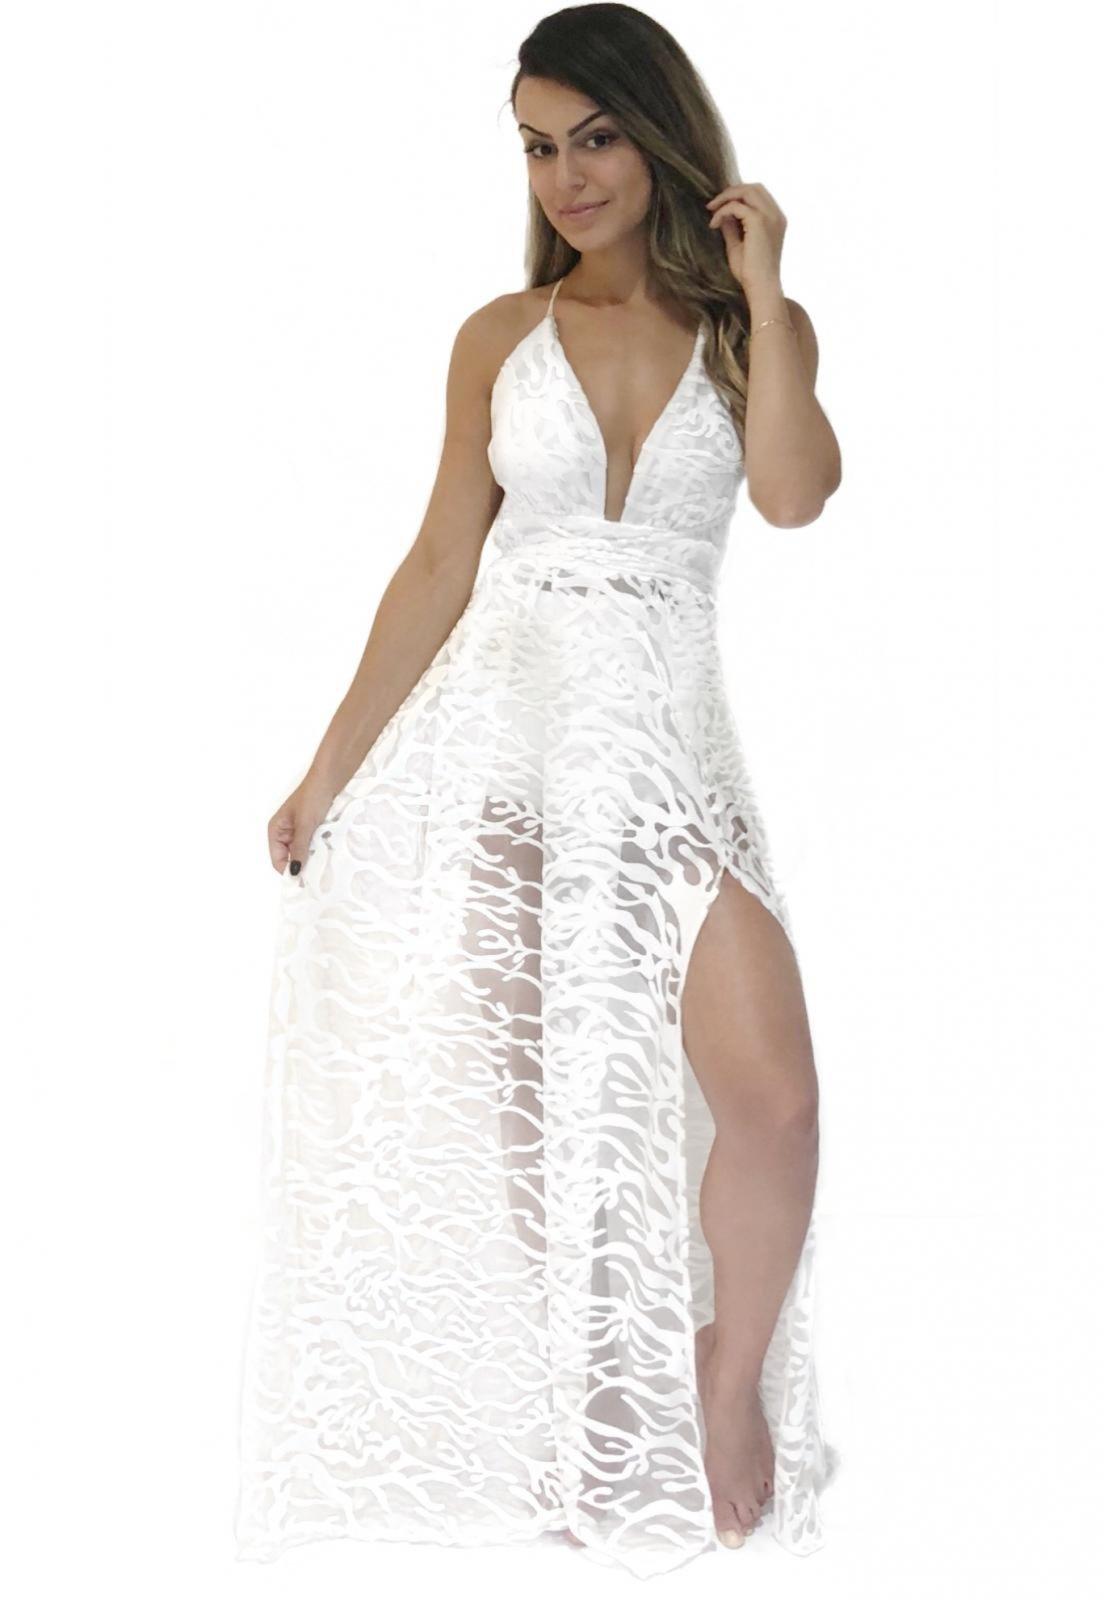 Vestido Miesse Reveillon Tule Bordado Branco - Marca Miesse